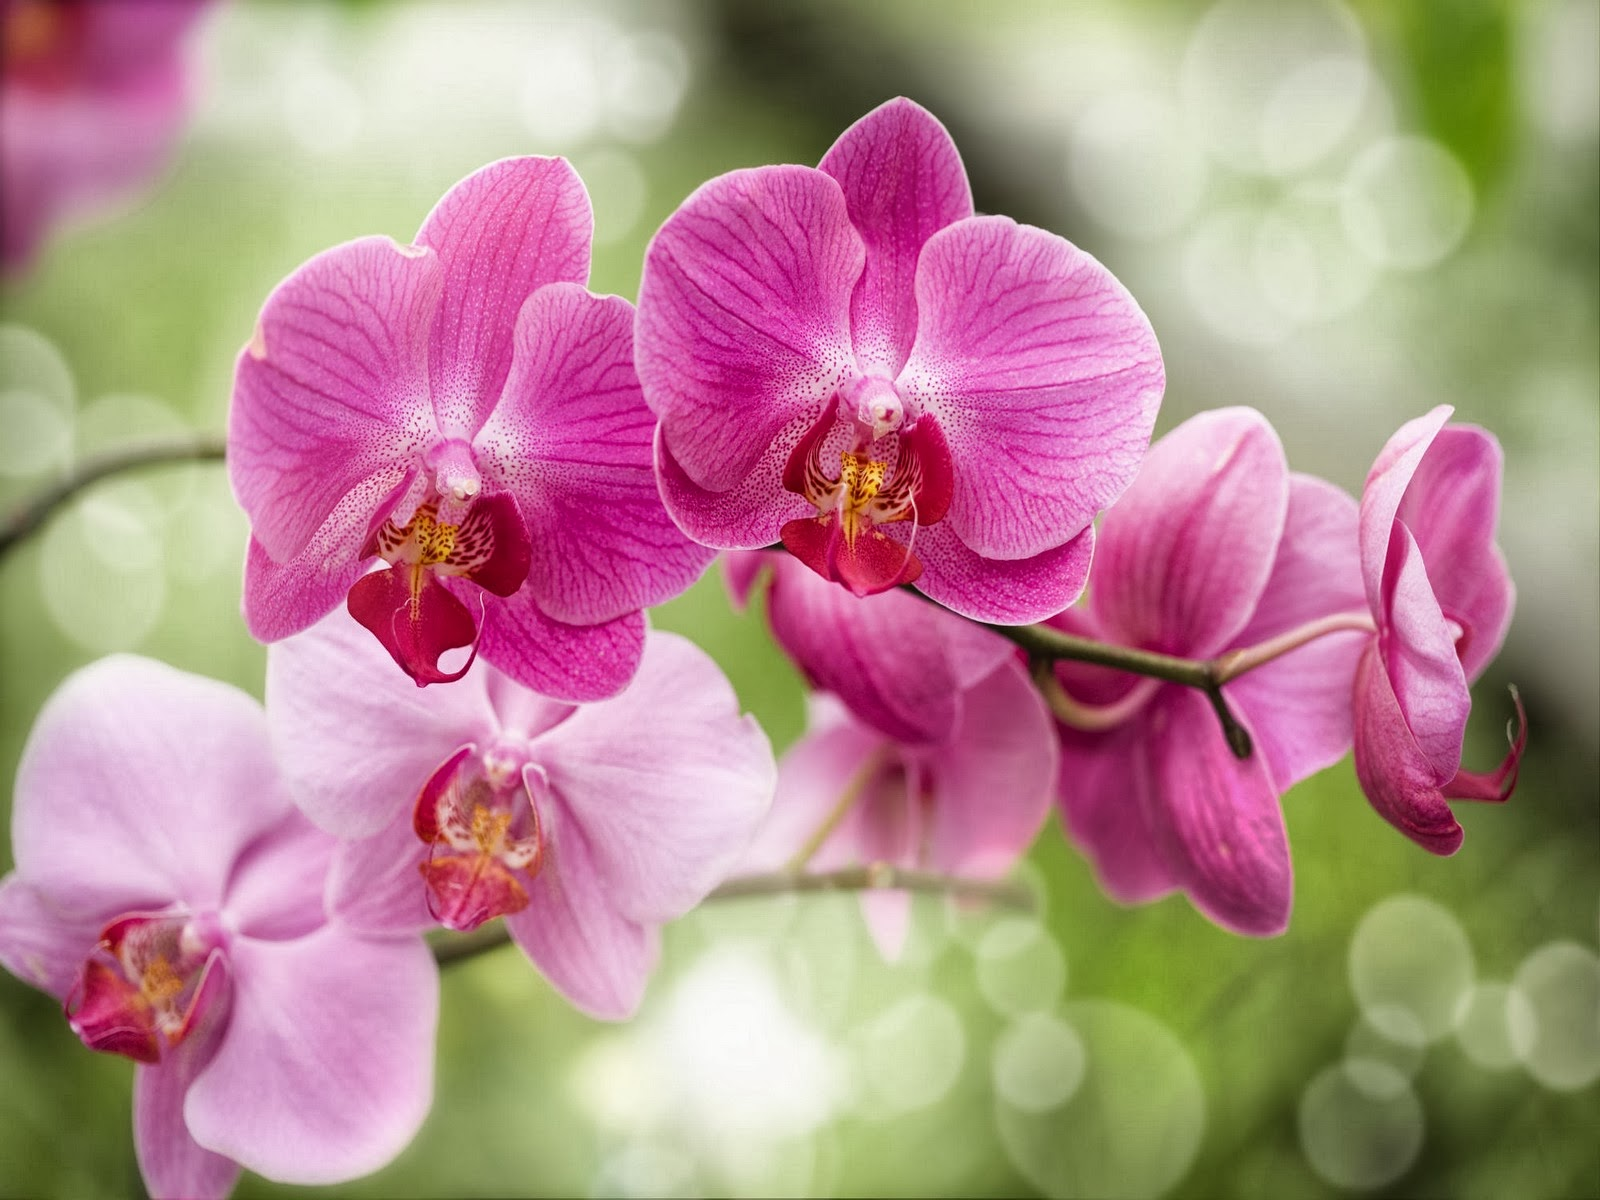 Scienza sseb preziosa e delicata l orchidea - Come curare un orchidea in casa ...